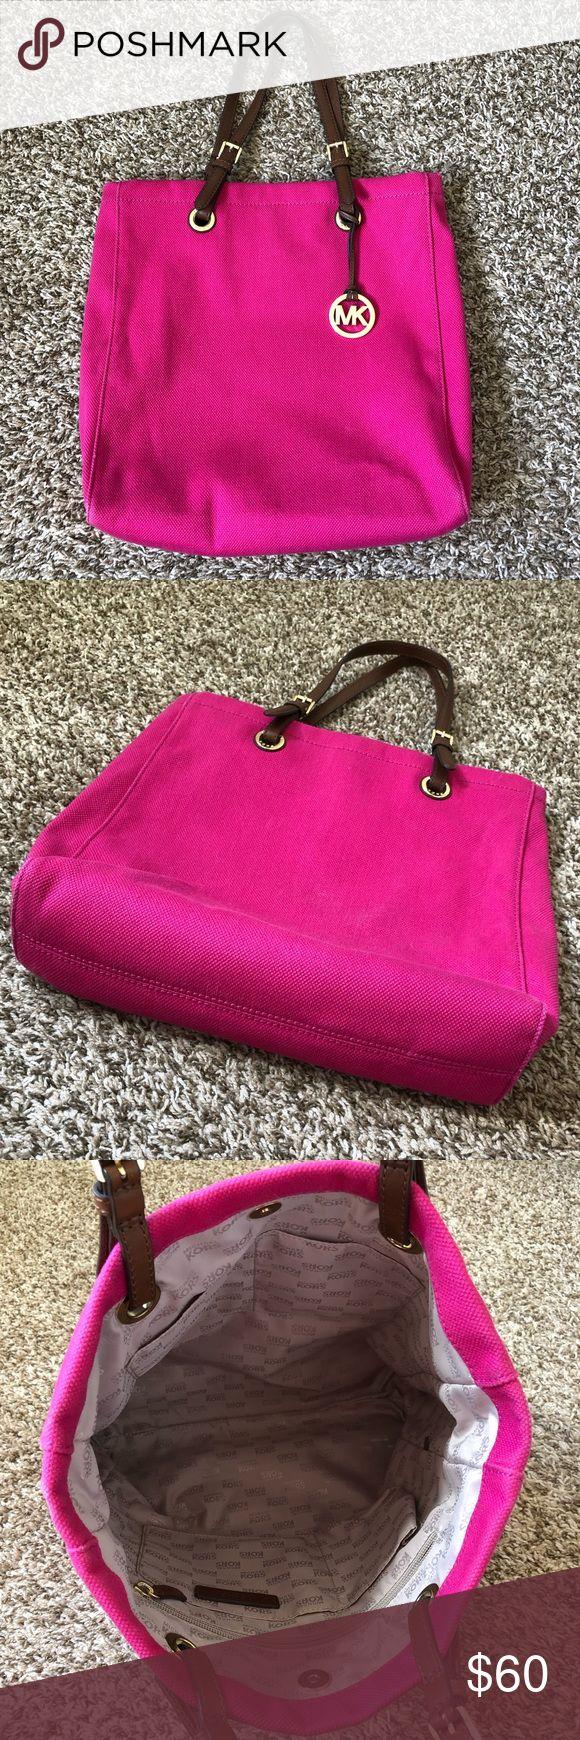 Michael Kors Tote Pink Michael Kors Stoff-Einkaufstasche. EUC. leichte Gebrauchsspuren an den Ecken …